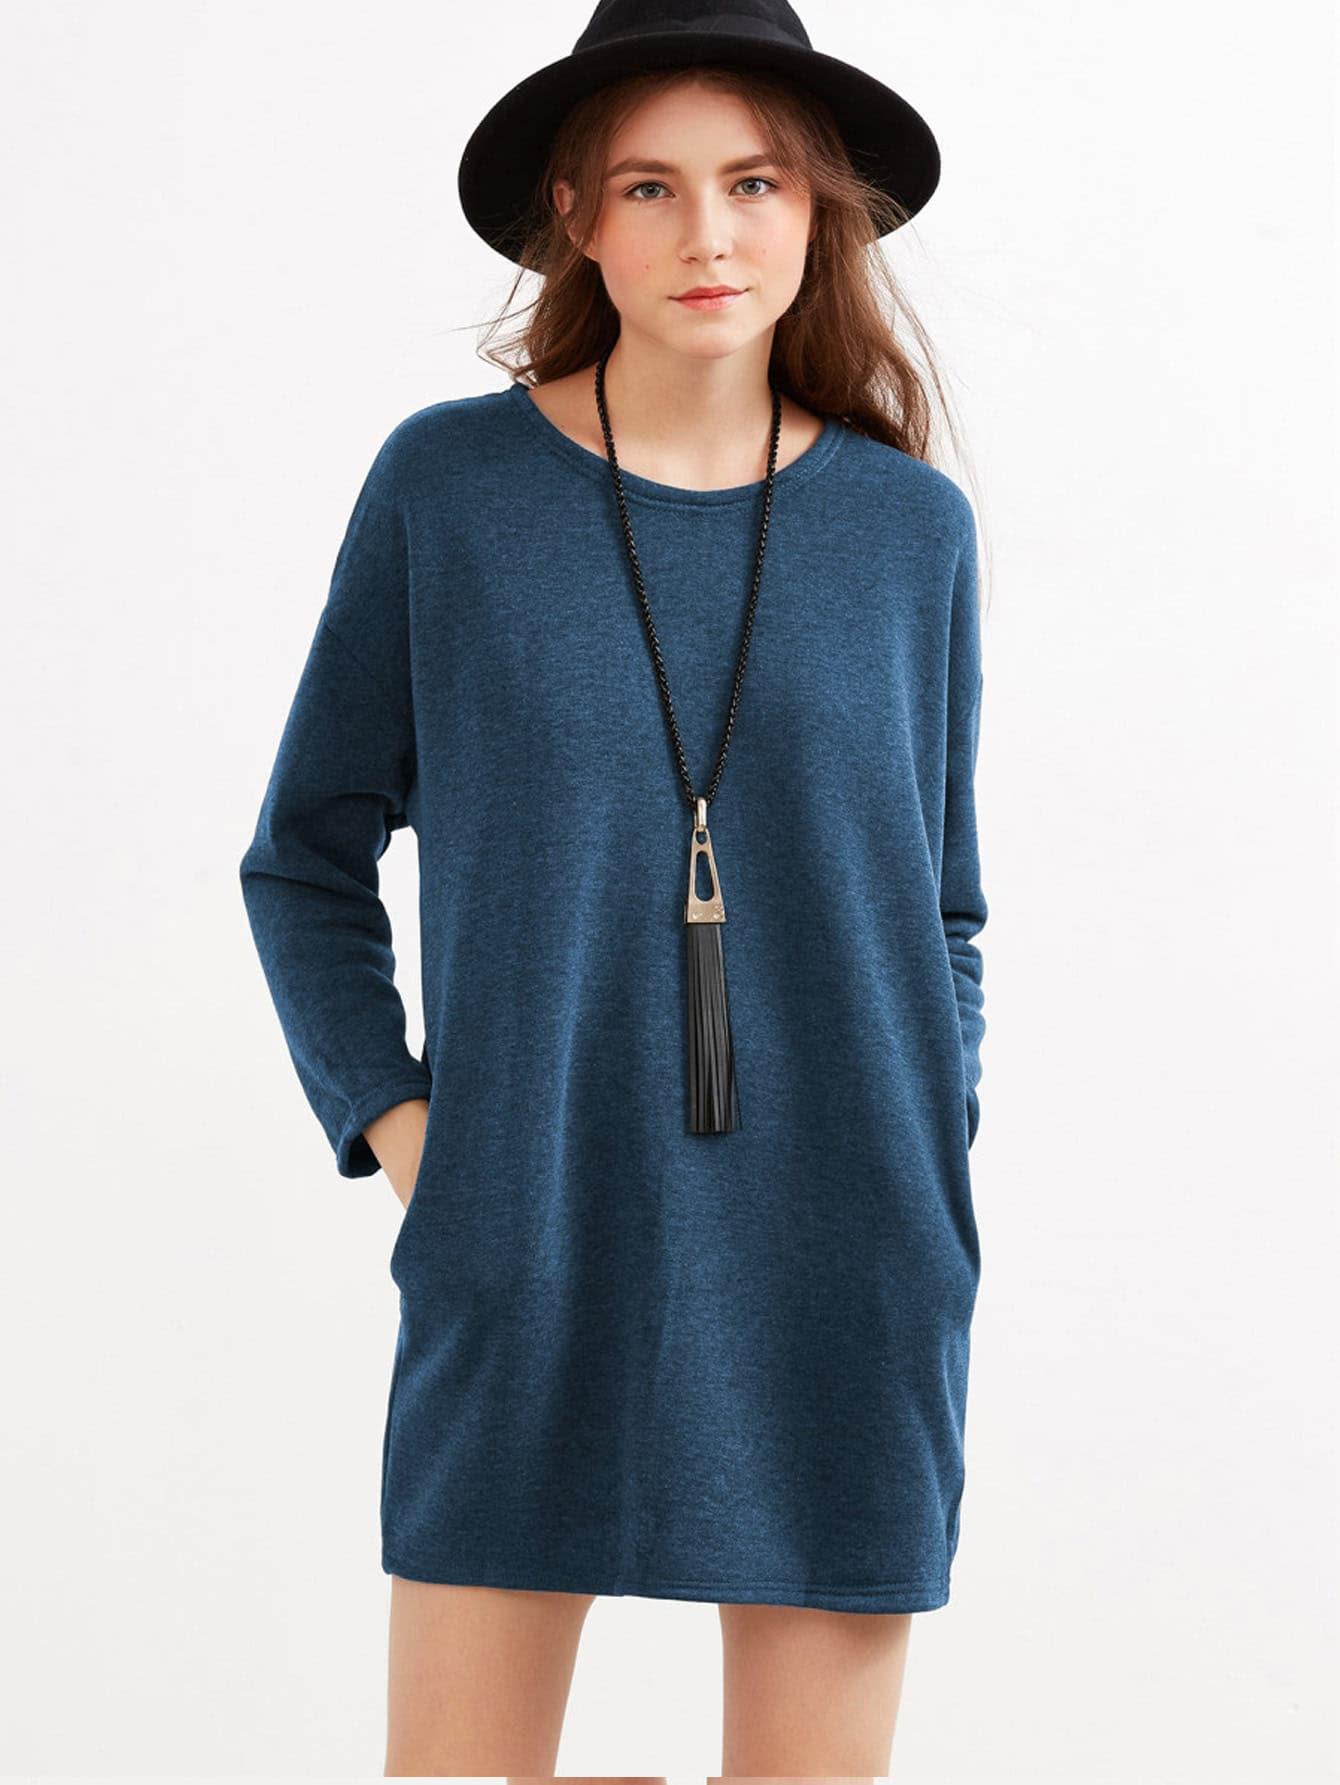 Drop Shoulder Pockets Dress tako natalia